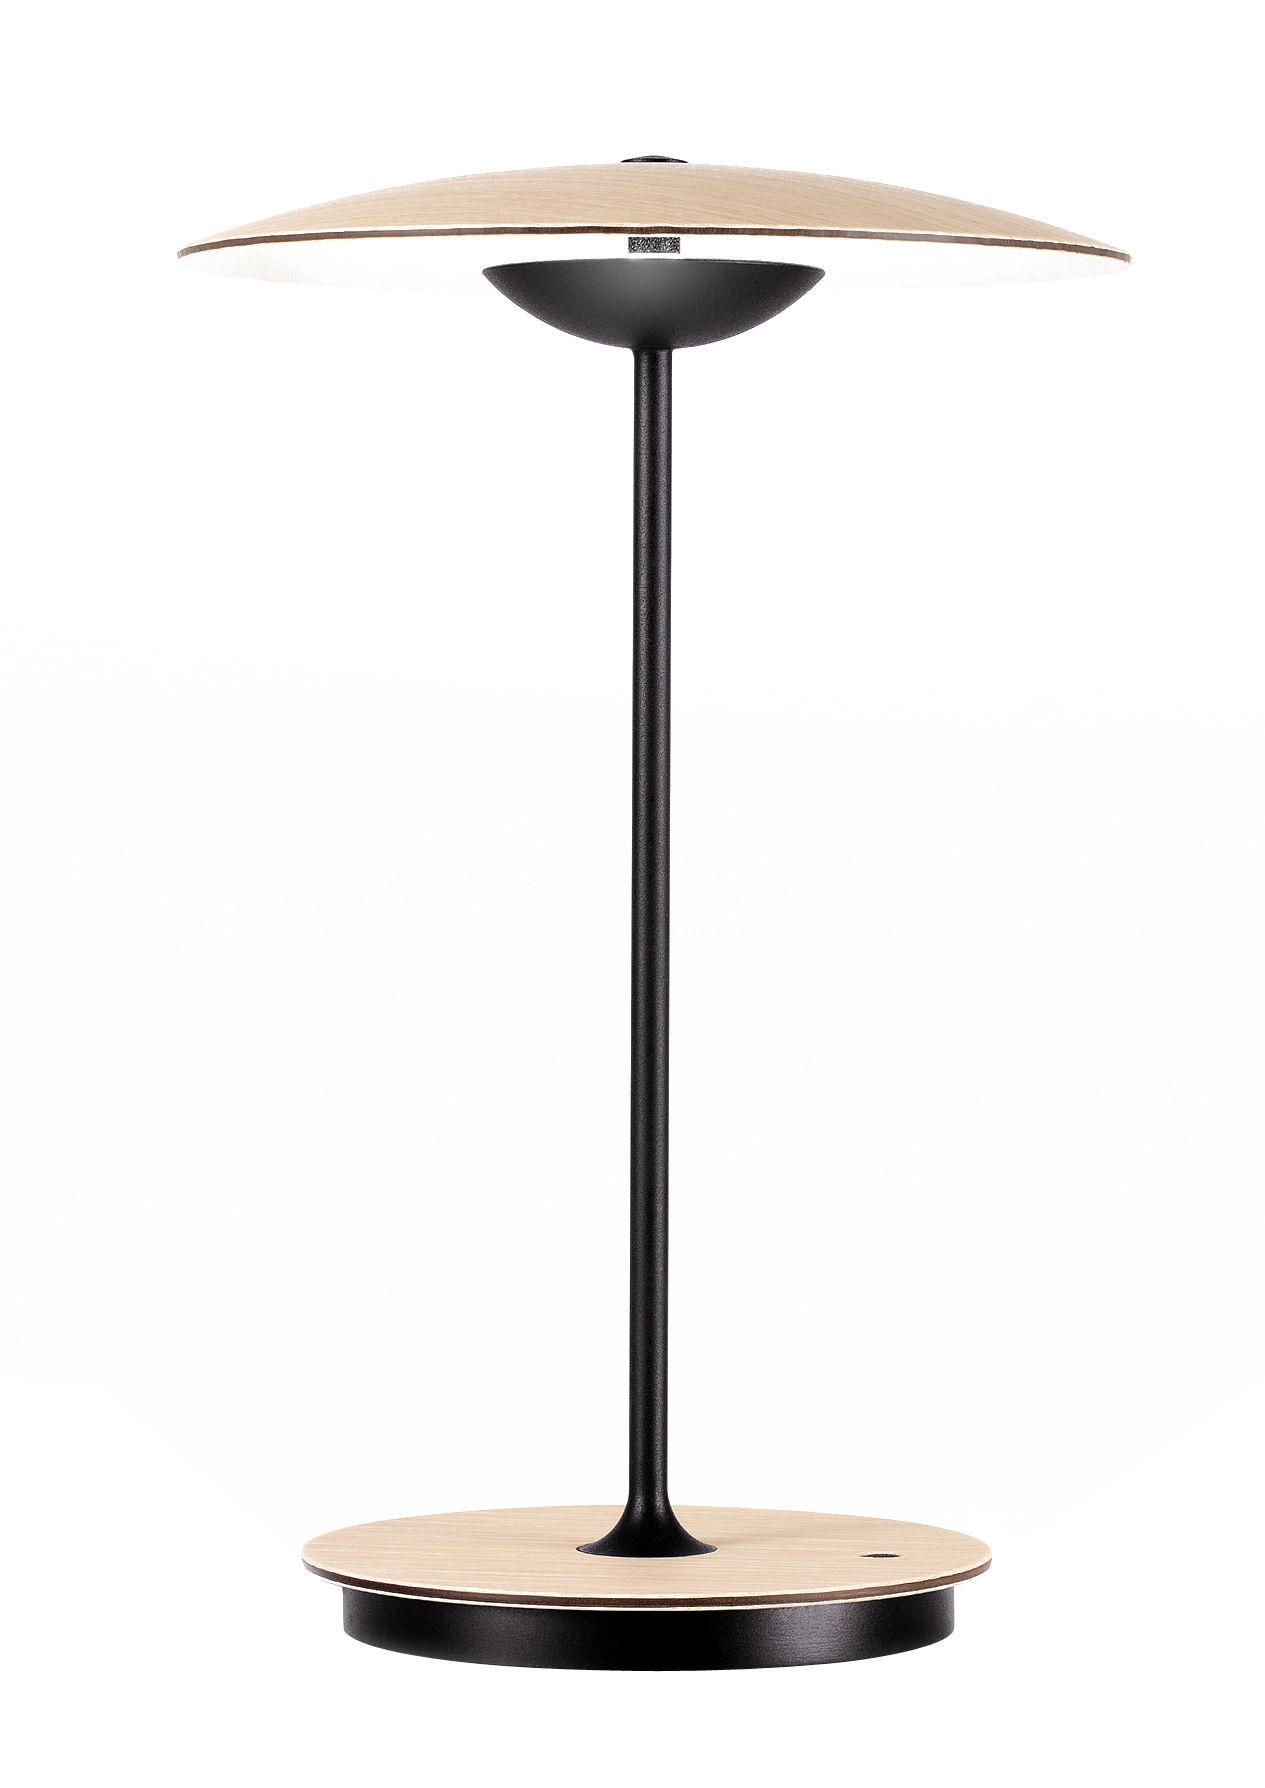 Luminaire - Lampes de table - Lampe sans fil Ginger LED / H 30 cm - Bois & métal - Marset - Chêne & noir - Contreplaqué de chêne, Métal laqué